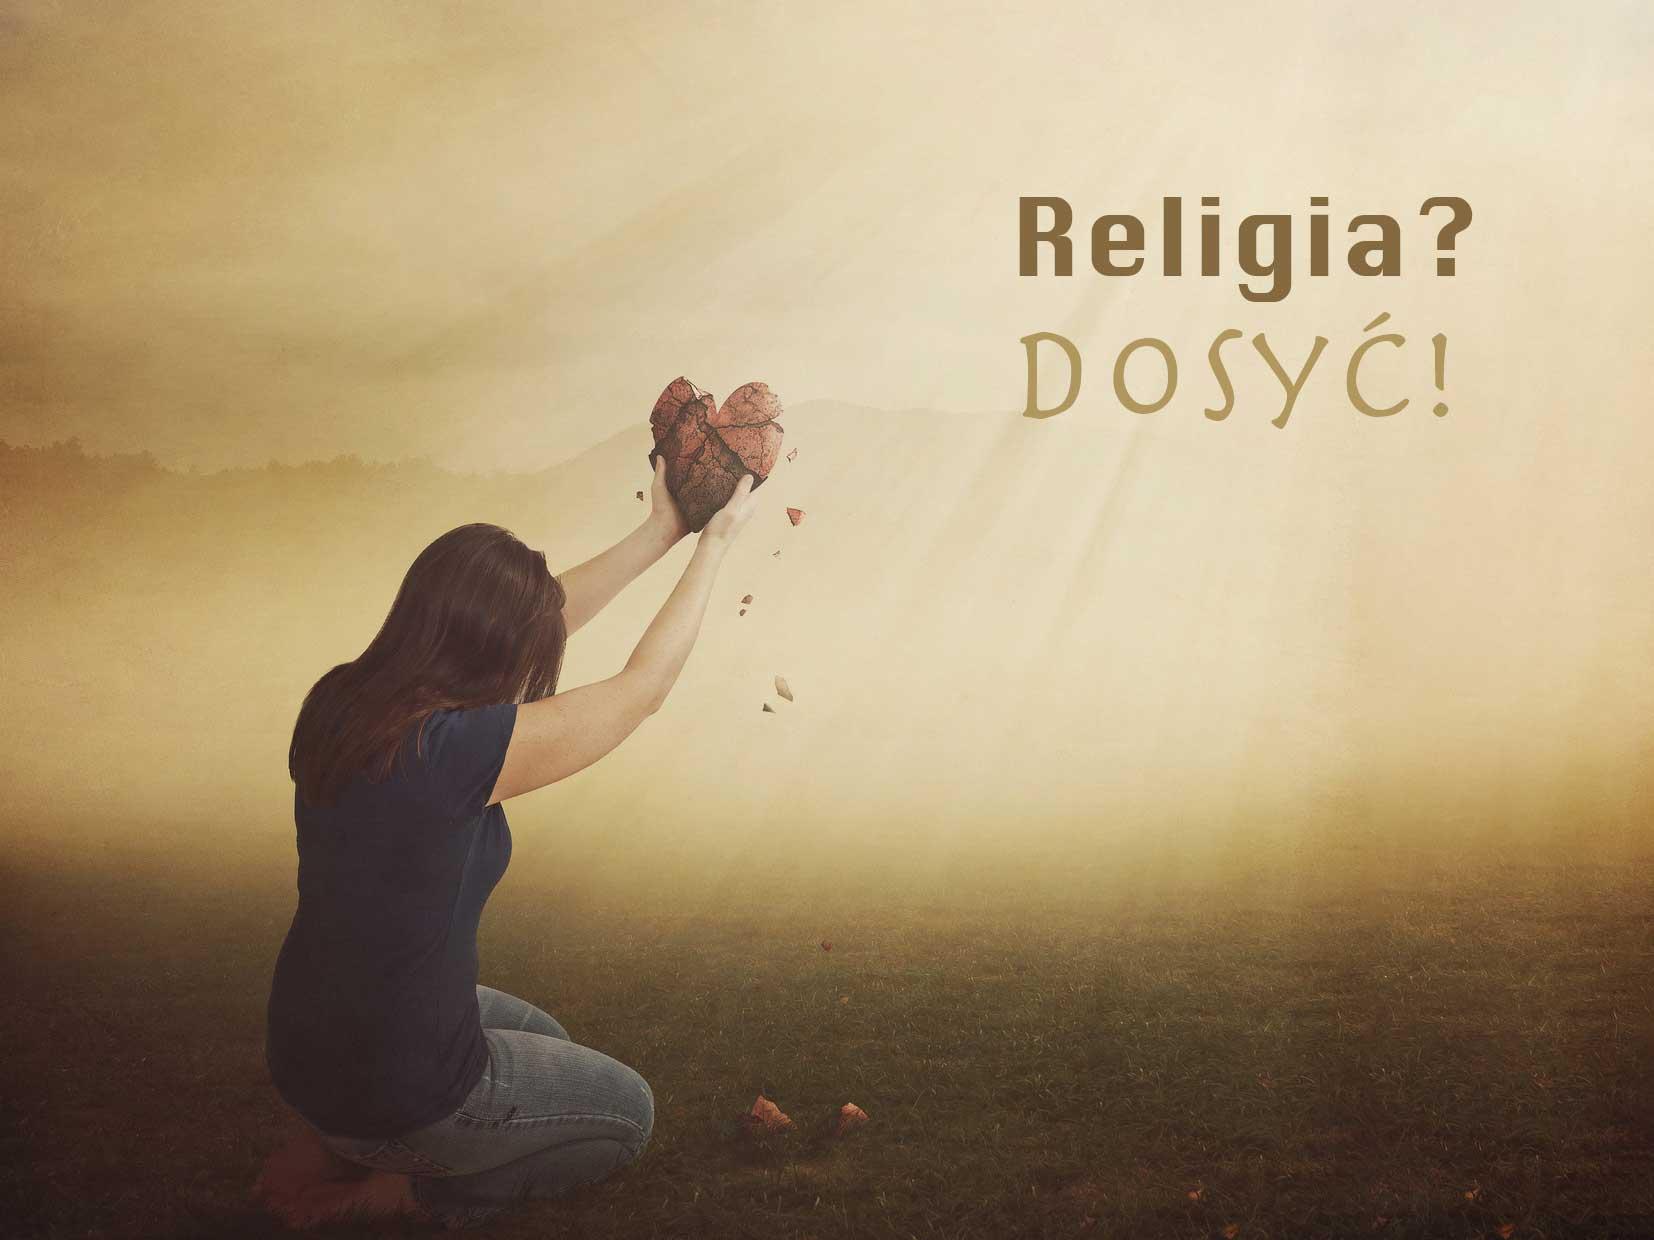 Religia? Dosyć!